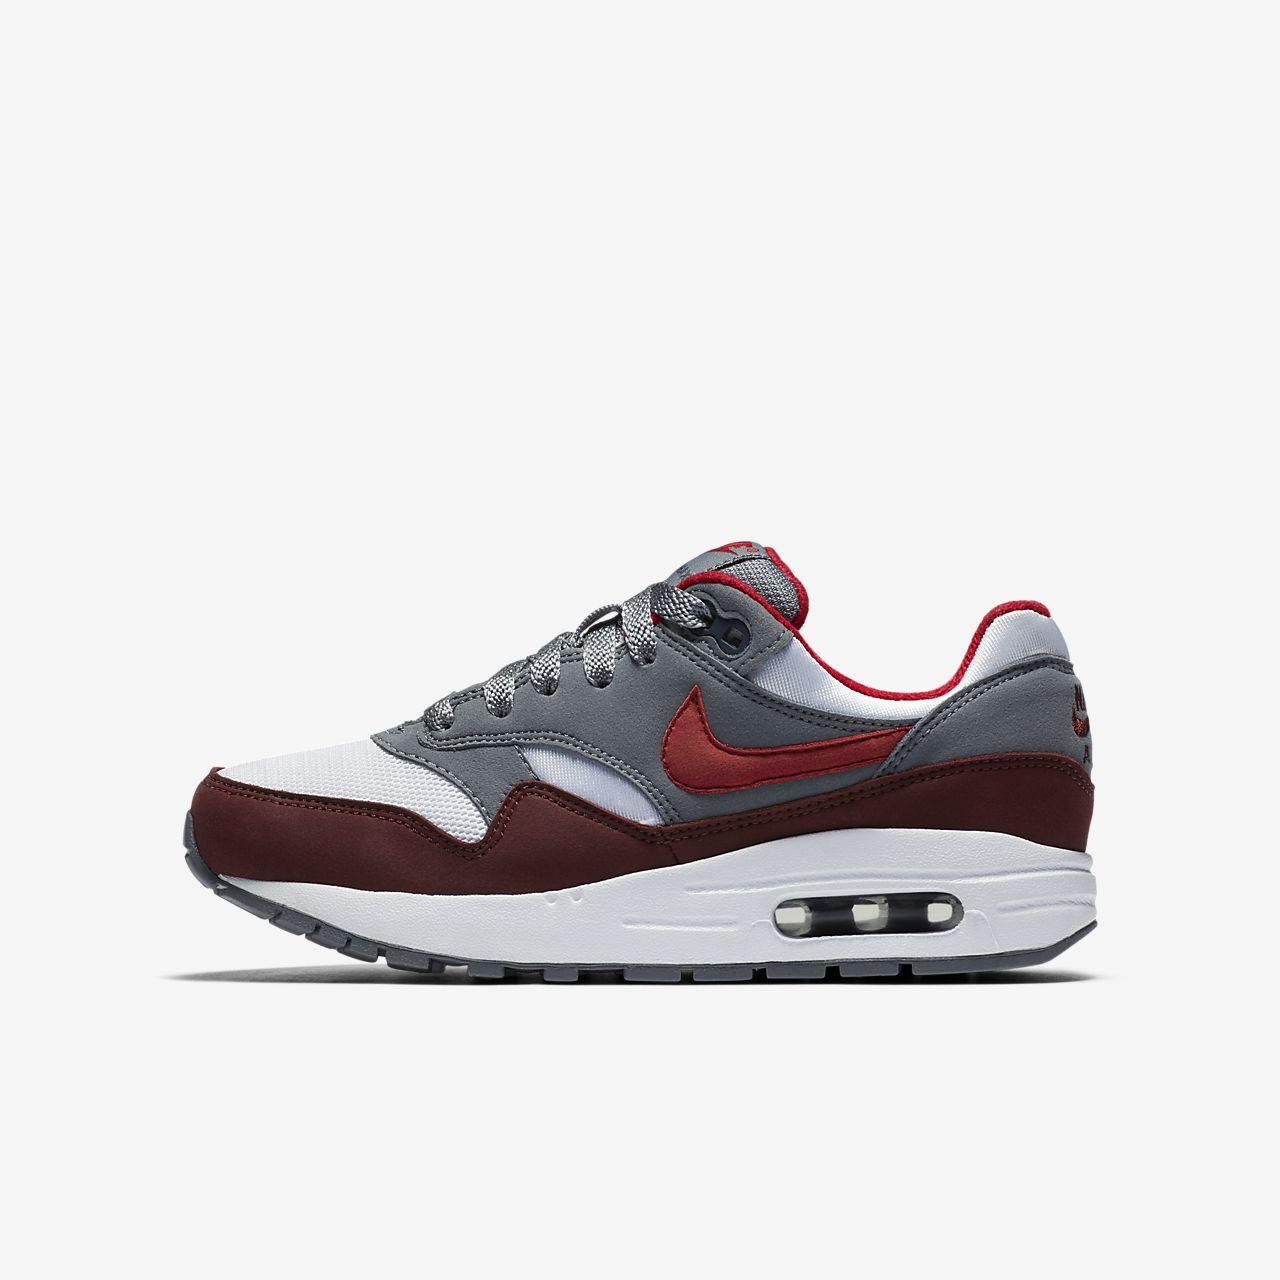 Cheap Air Force Ones Nike Air Max Jr Cincinnati Reds  9e0ad6d99b